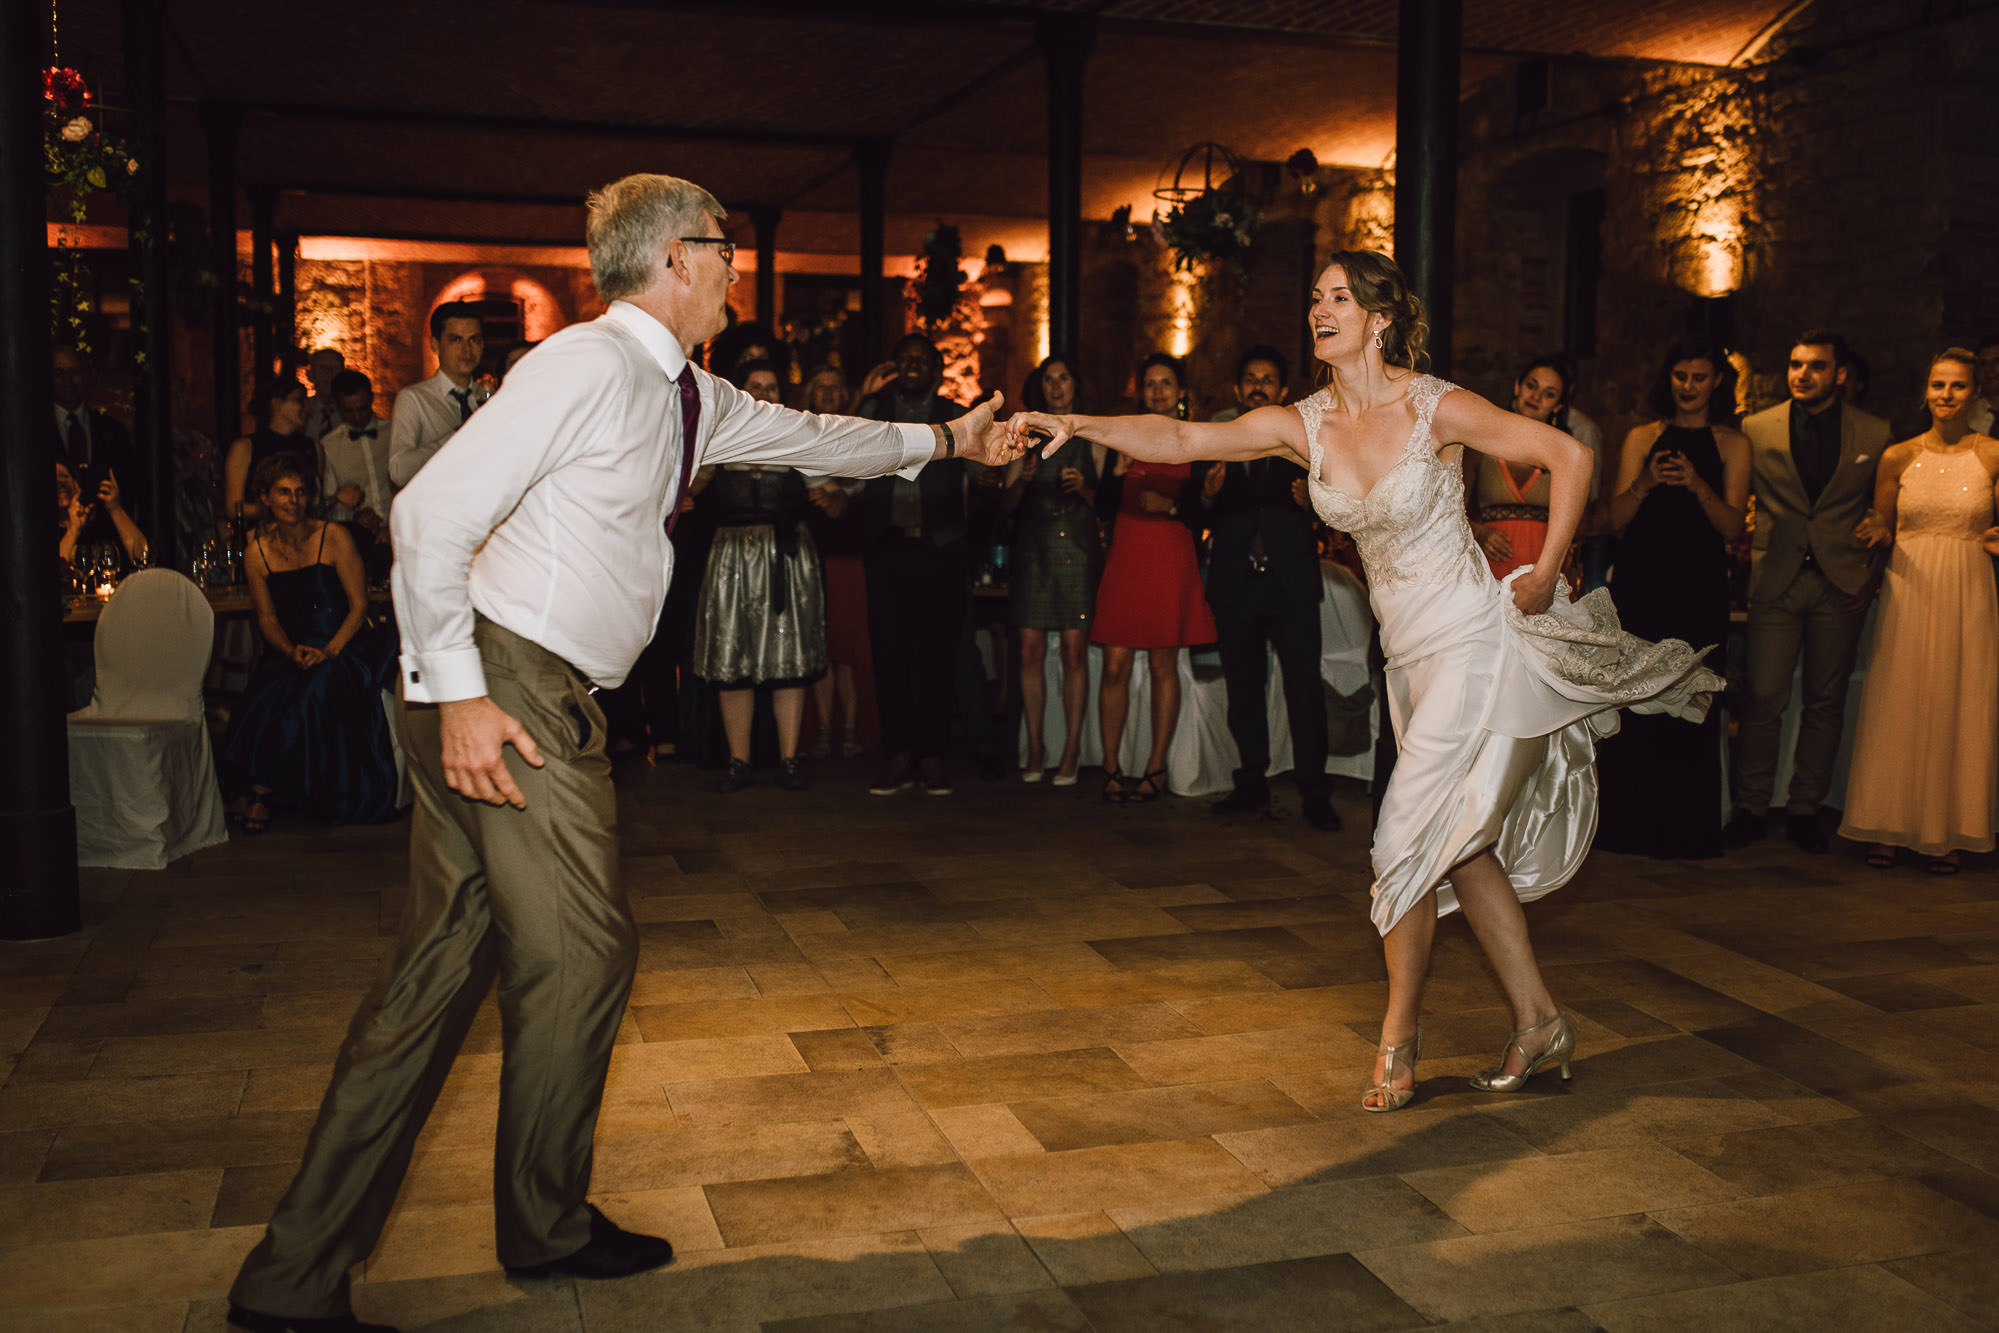 rustic-elegant-wedding-schloss-hochzeit-eyrichshof-franken-bamberg-142